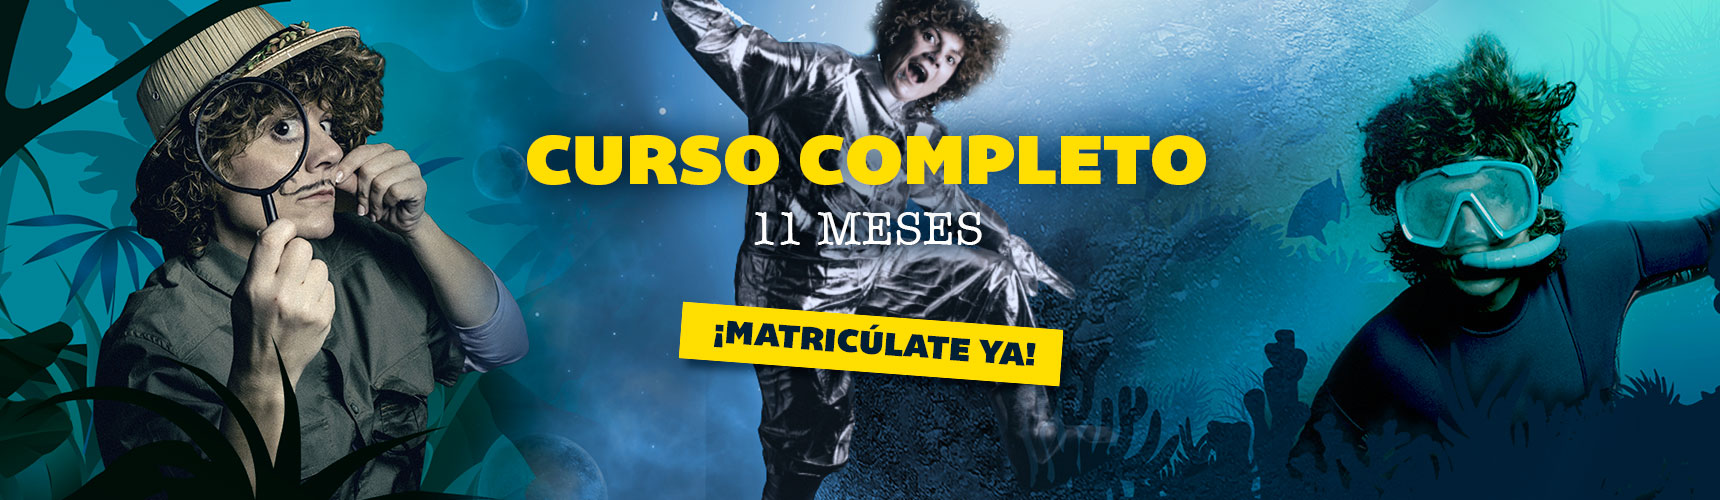 Pupitre_cursos_portada-web_nuevas-fotos_1720x910_11mss-curso-completo